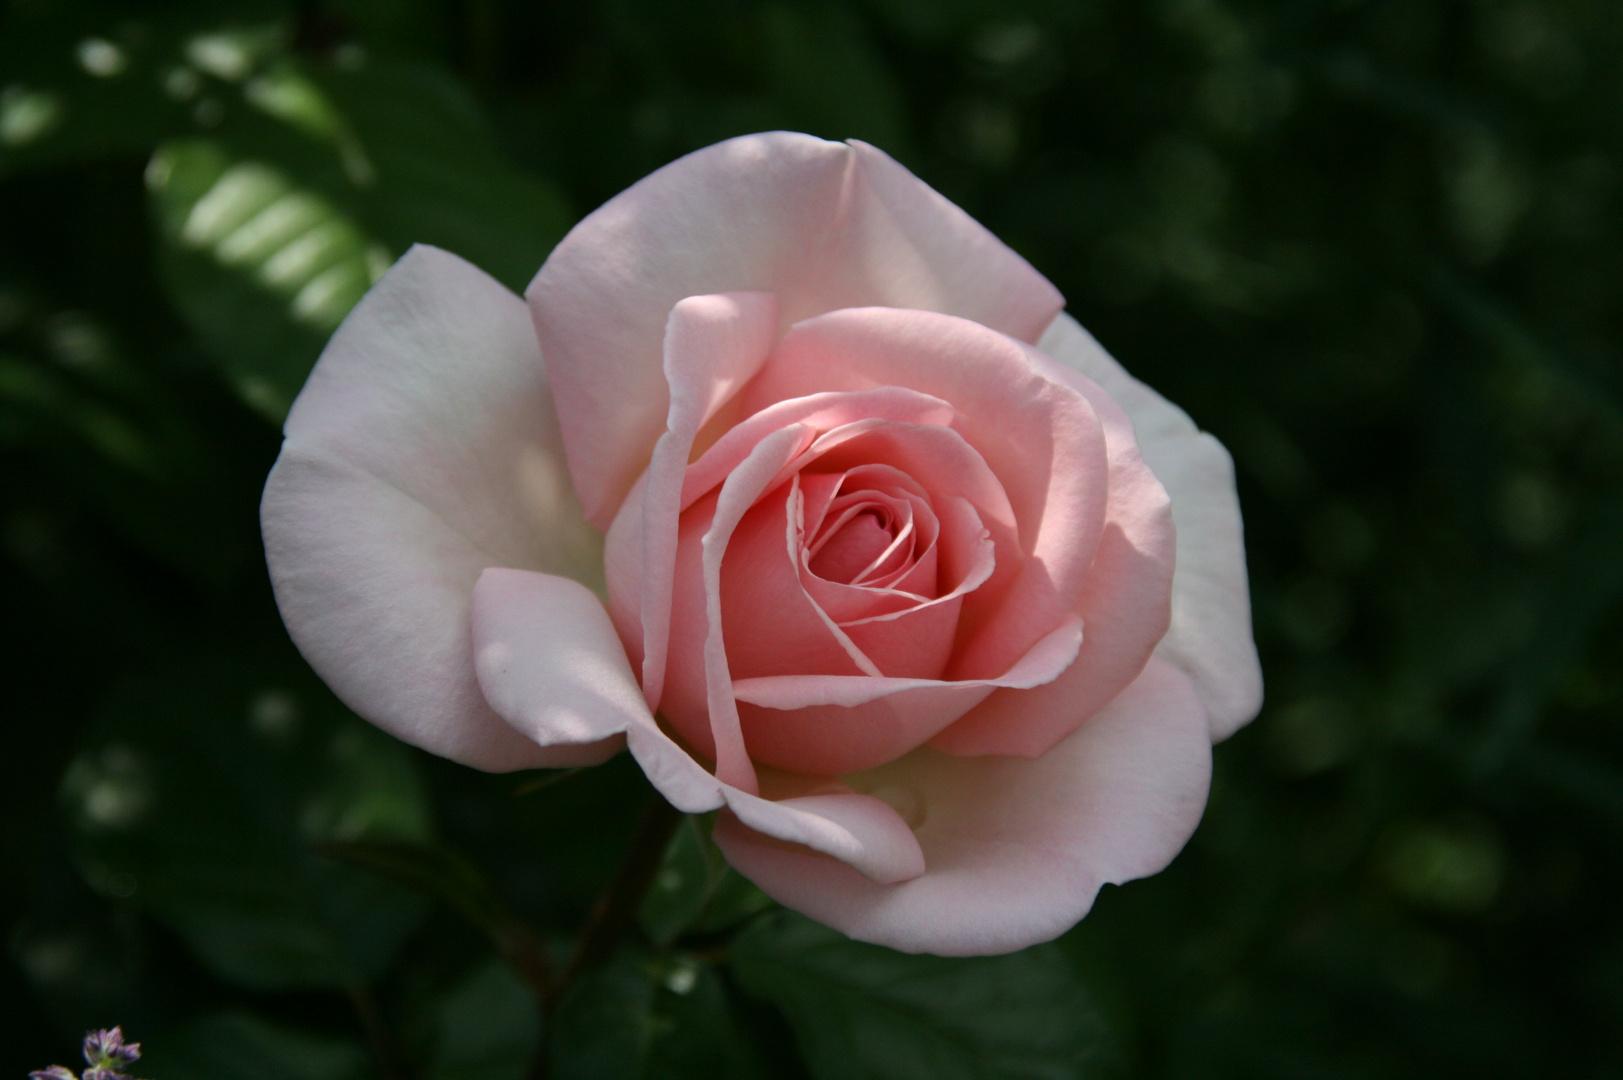 eine rose wie gemalt foto bild pflanzen pilze flechten bl ten kleinpflanzen rosen. Black Bedroom Furniture Sets. Home Design Ideas